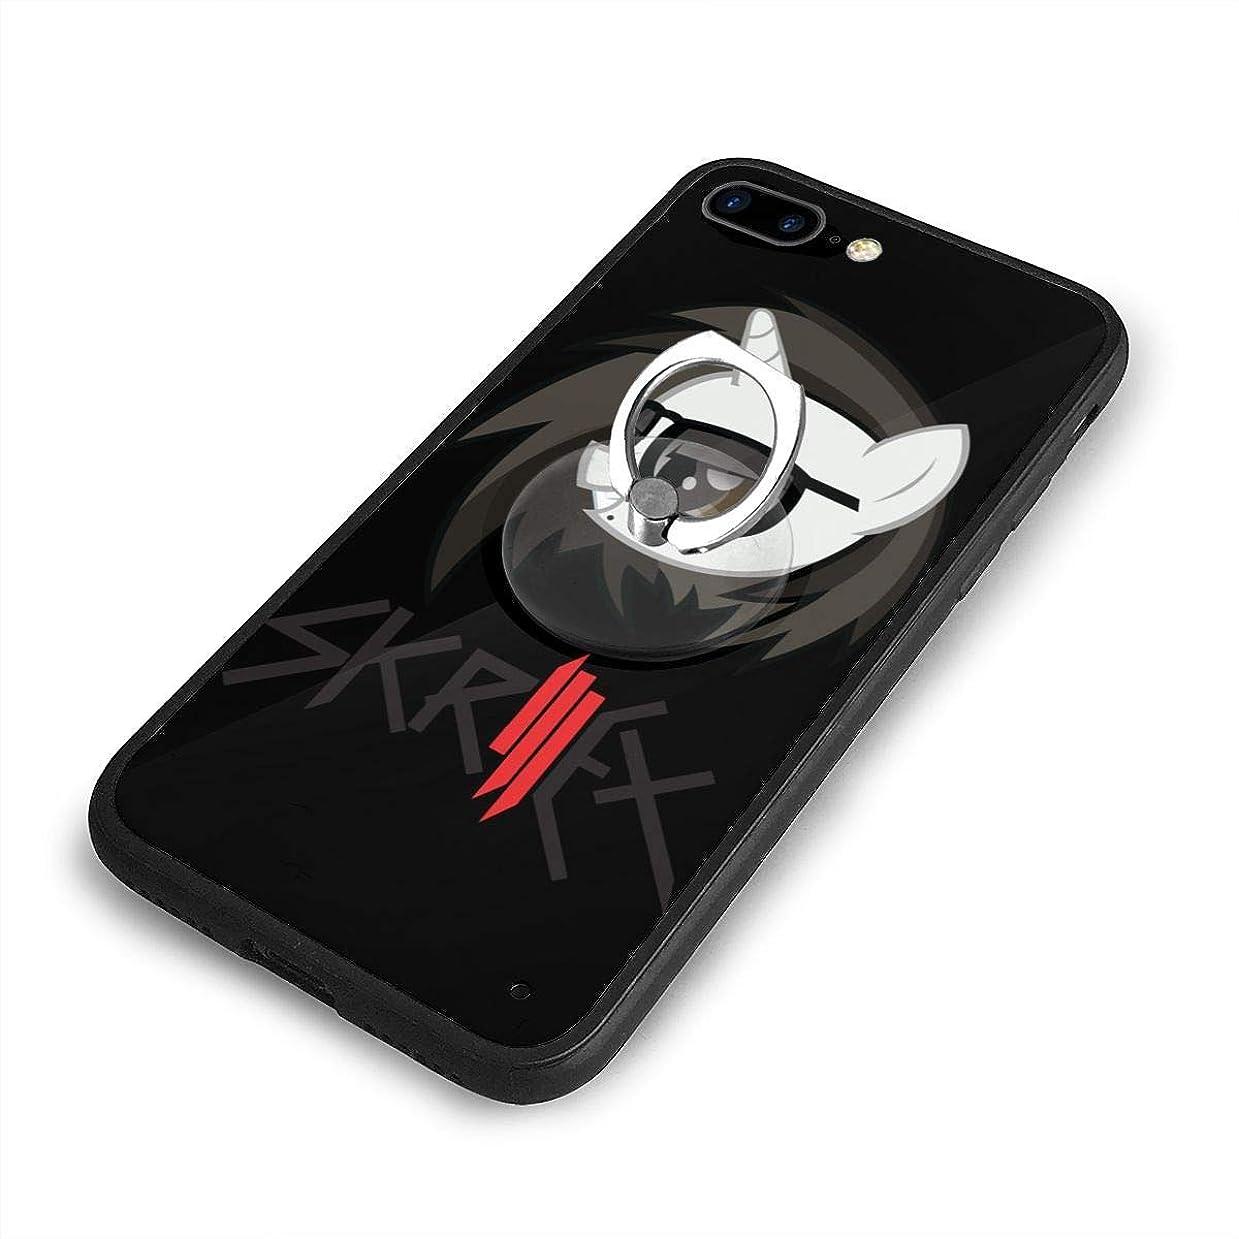 老朽化した超高層ビル本を読むSkrillex Solo iPhone 7/8 Plusケースリングブラケット 携帯カバー 創意デザイン軽量 傷つけ防止 360°回転ブラケット 携帯ケース PC 衝撃防止 全面保護